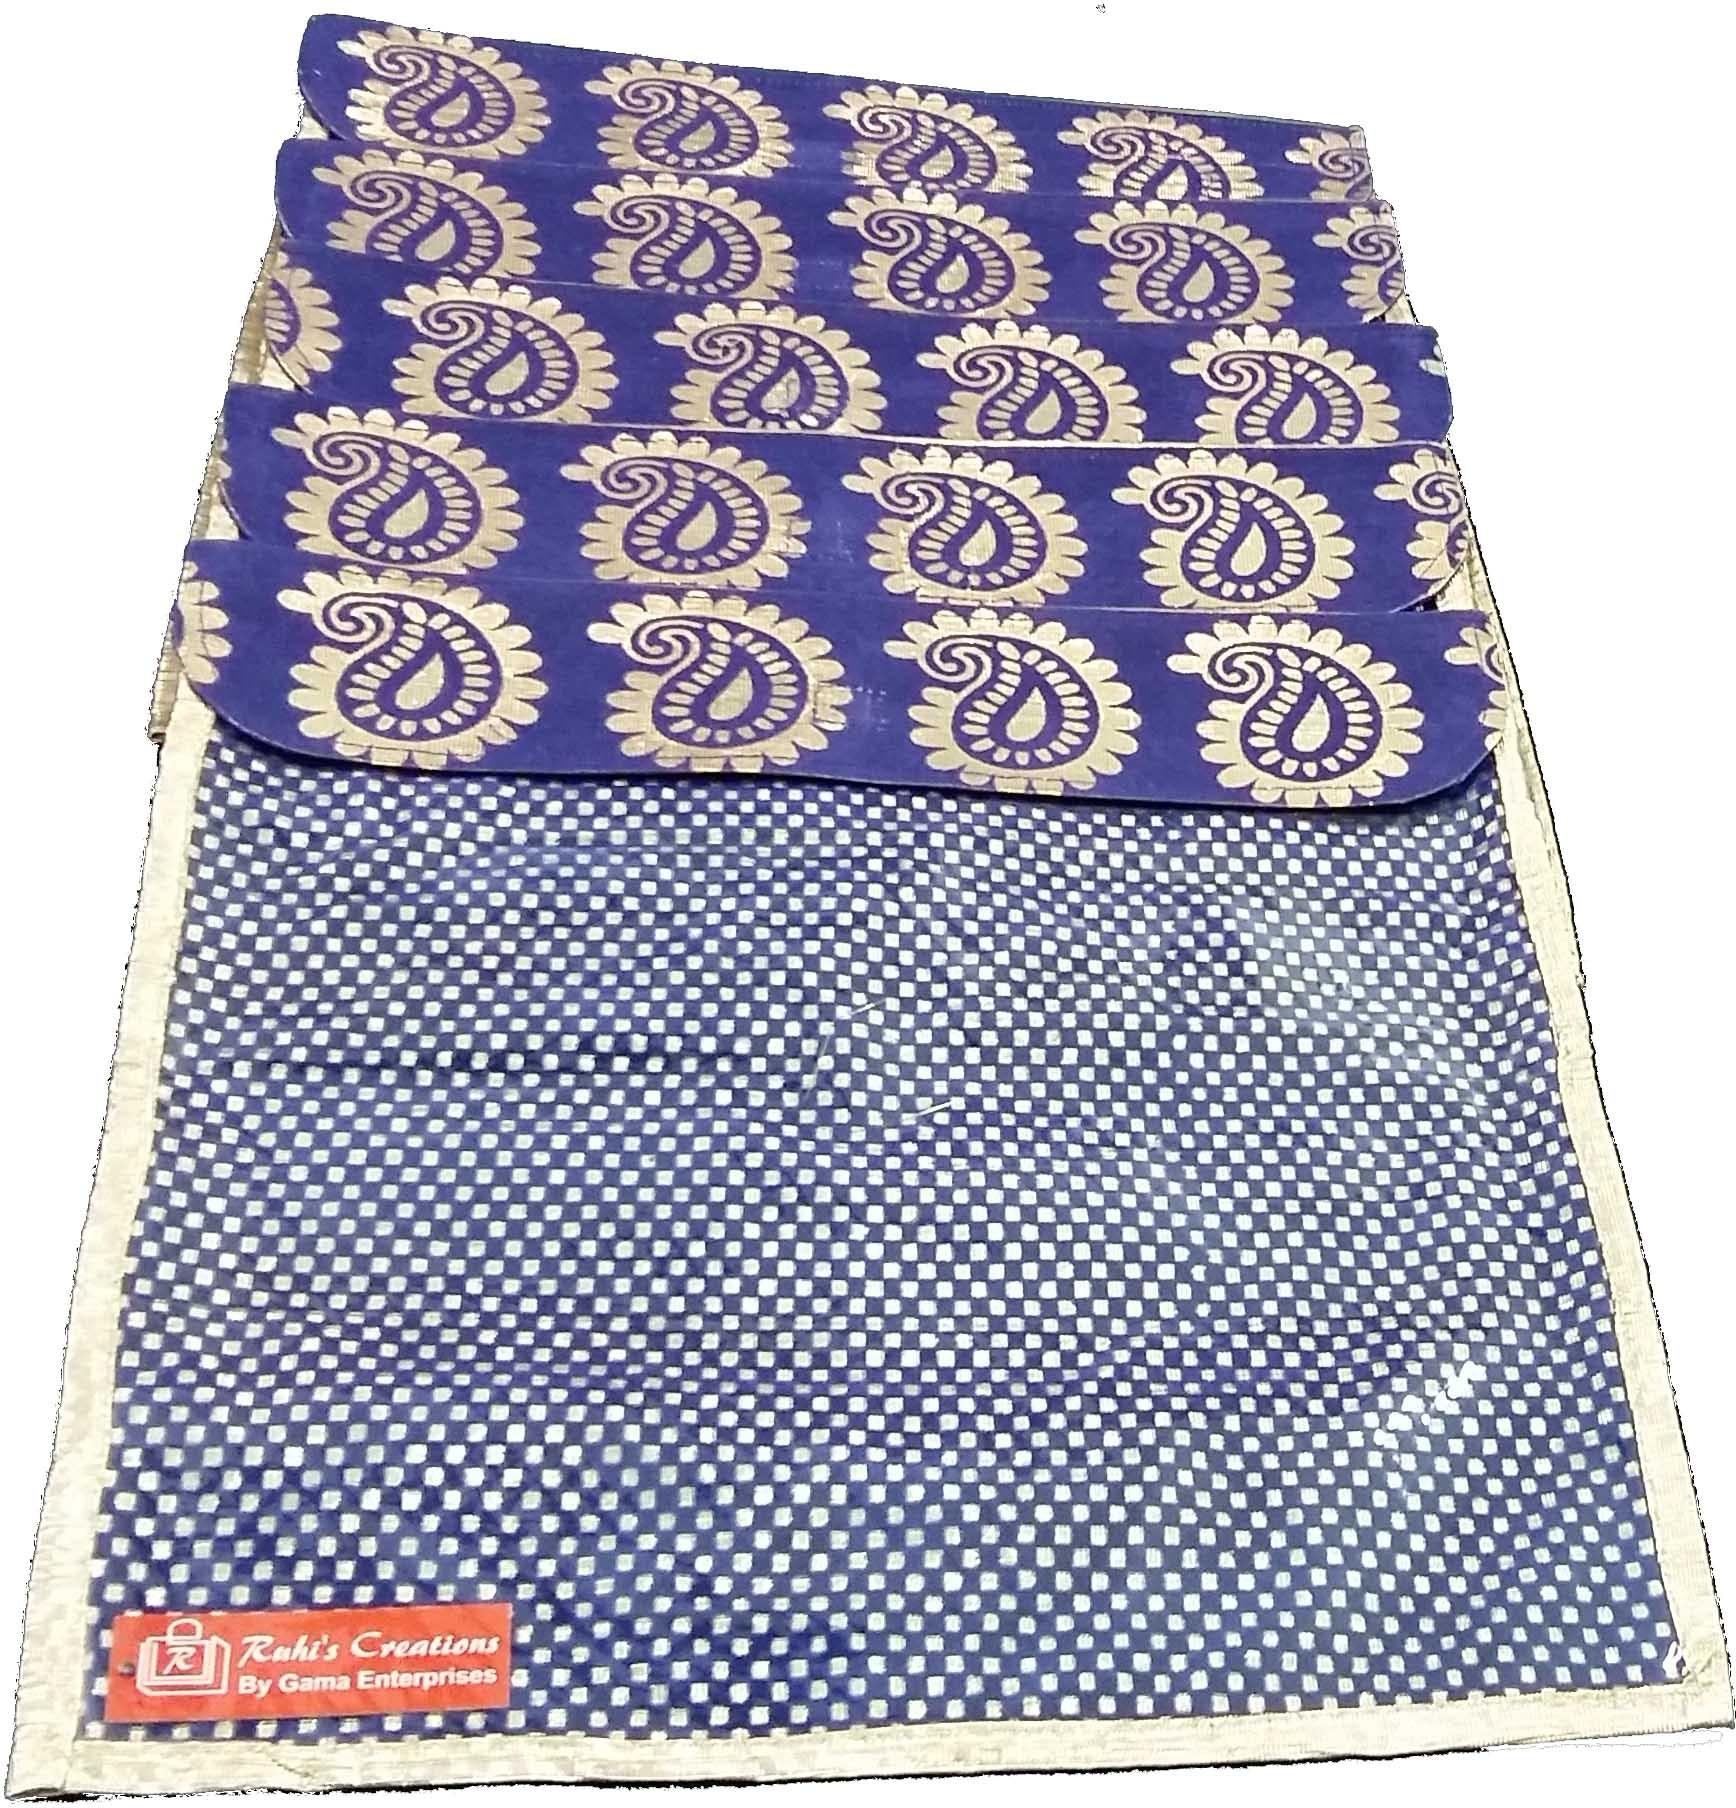 Ruhi's Creations Designer Brocade Saree Cover - Blue 7008(Blue)